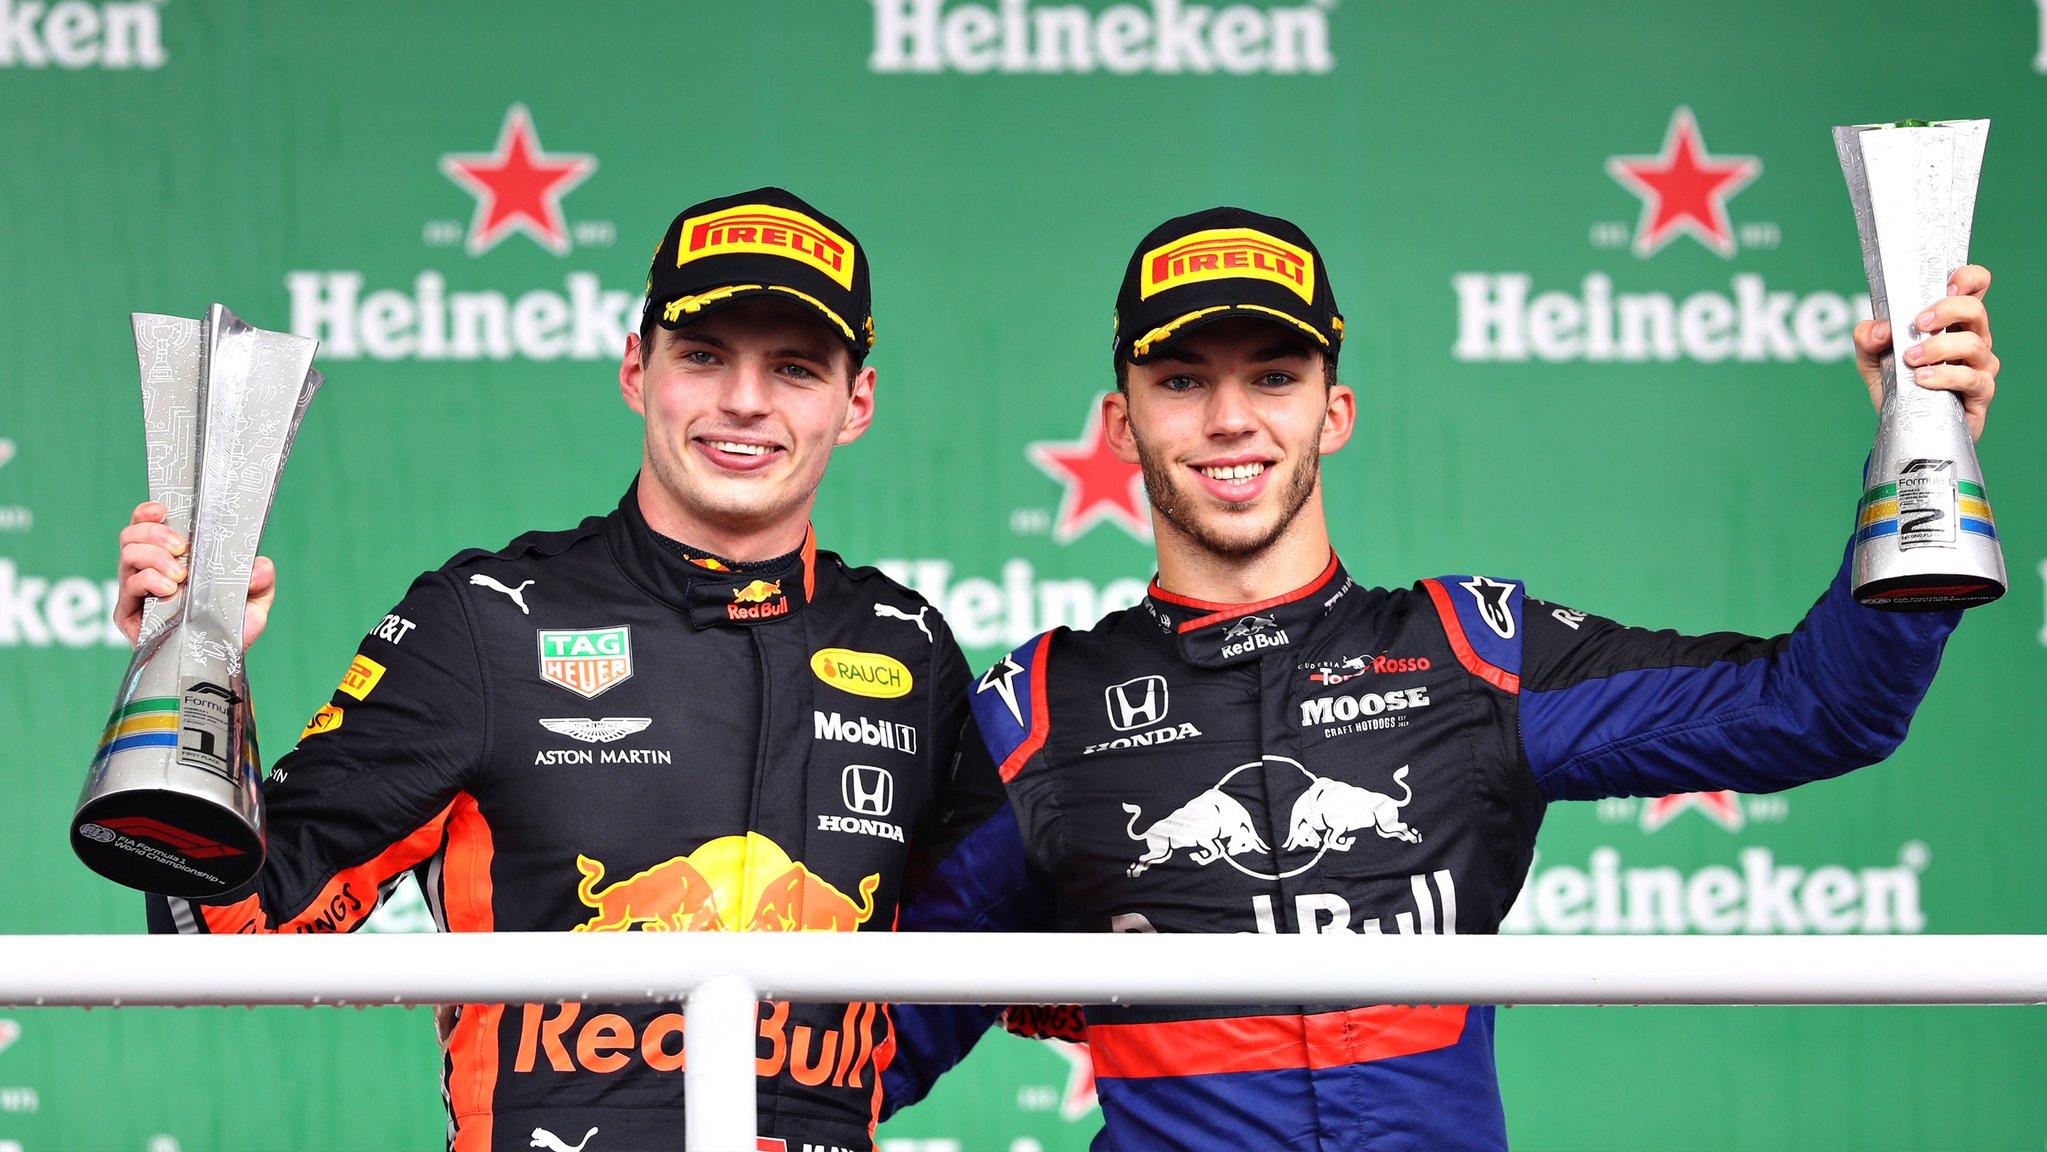 F1 – GP du Brésil : Max Verstappen au bout des émotions. Magnifique performance d'Alfa Romeo Sauber